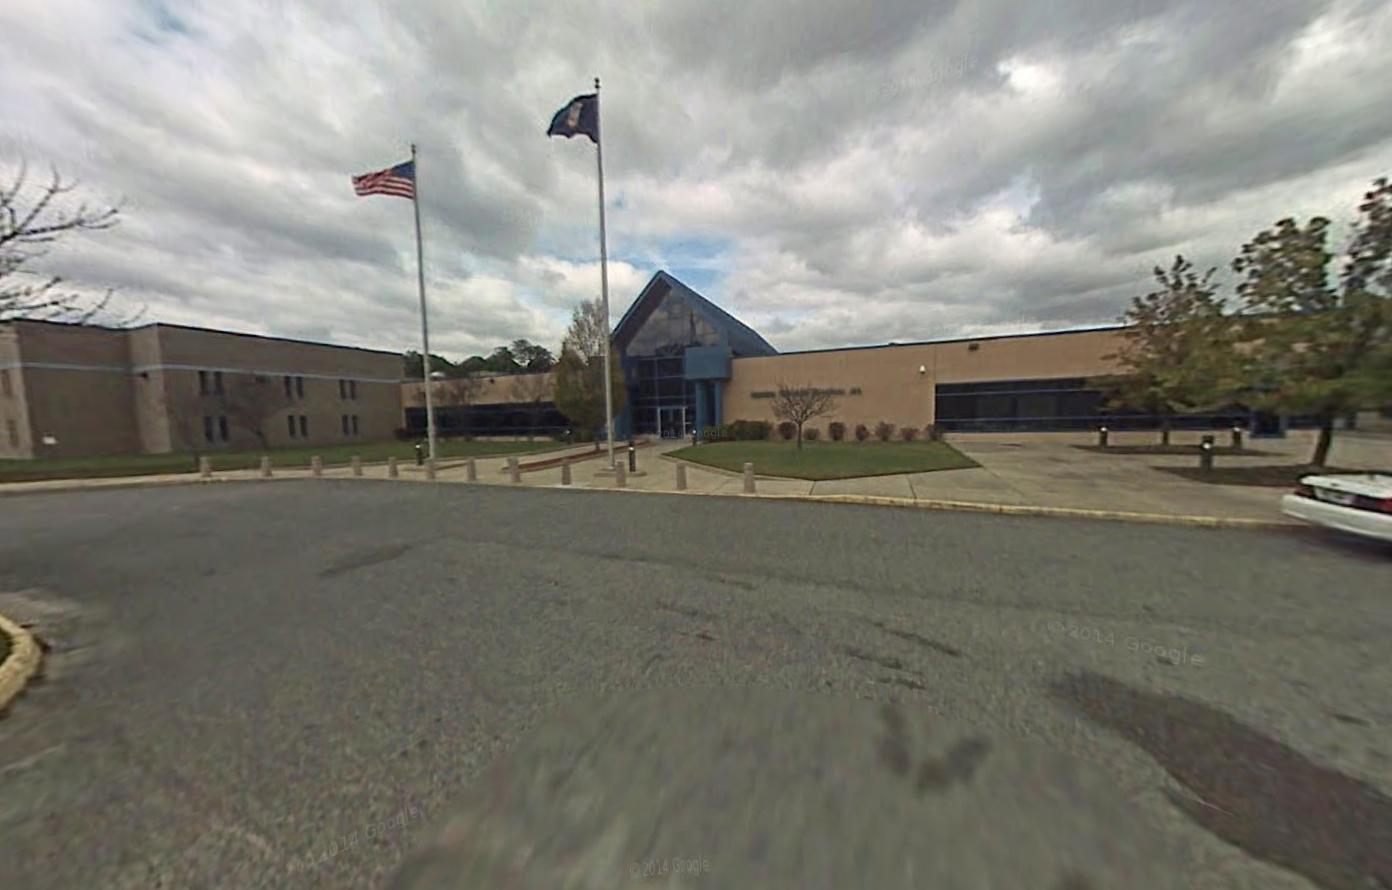 Western regional jail inmate photos